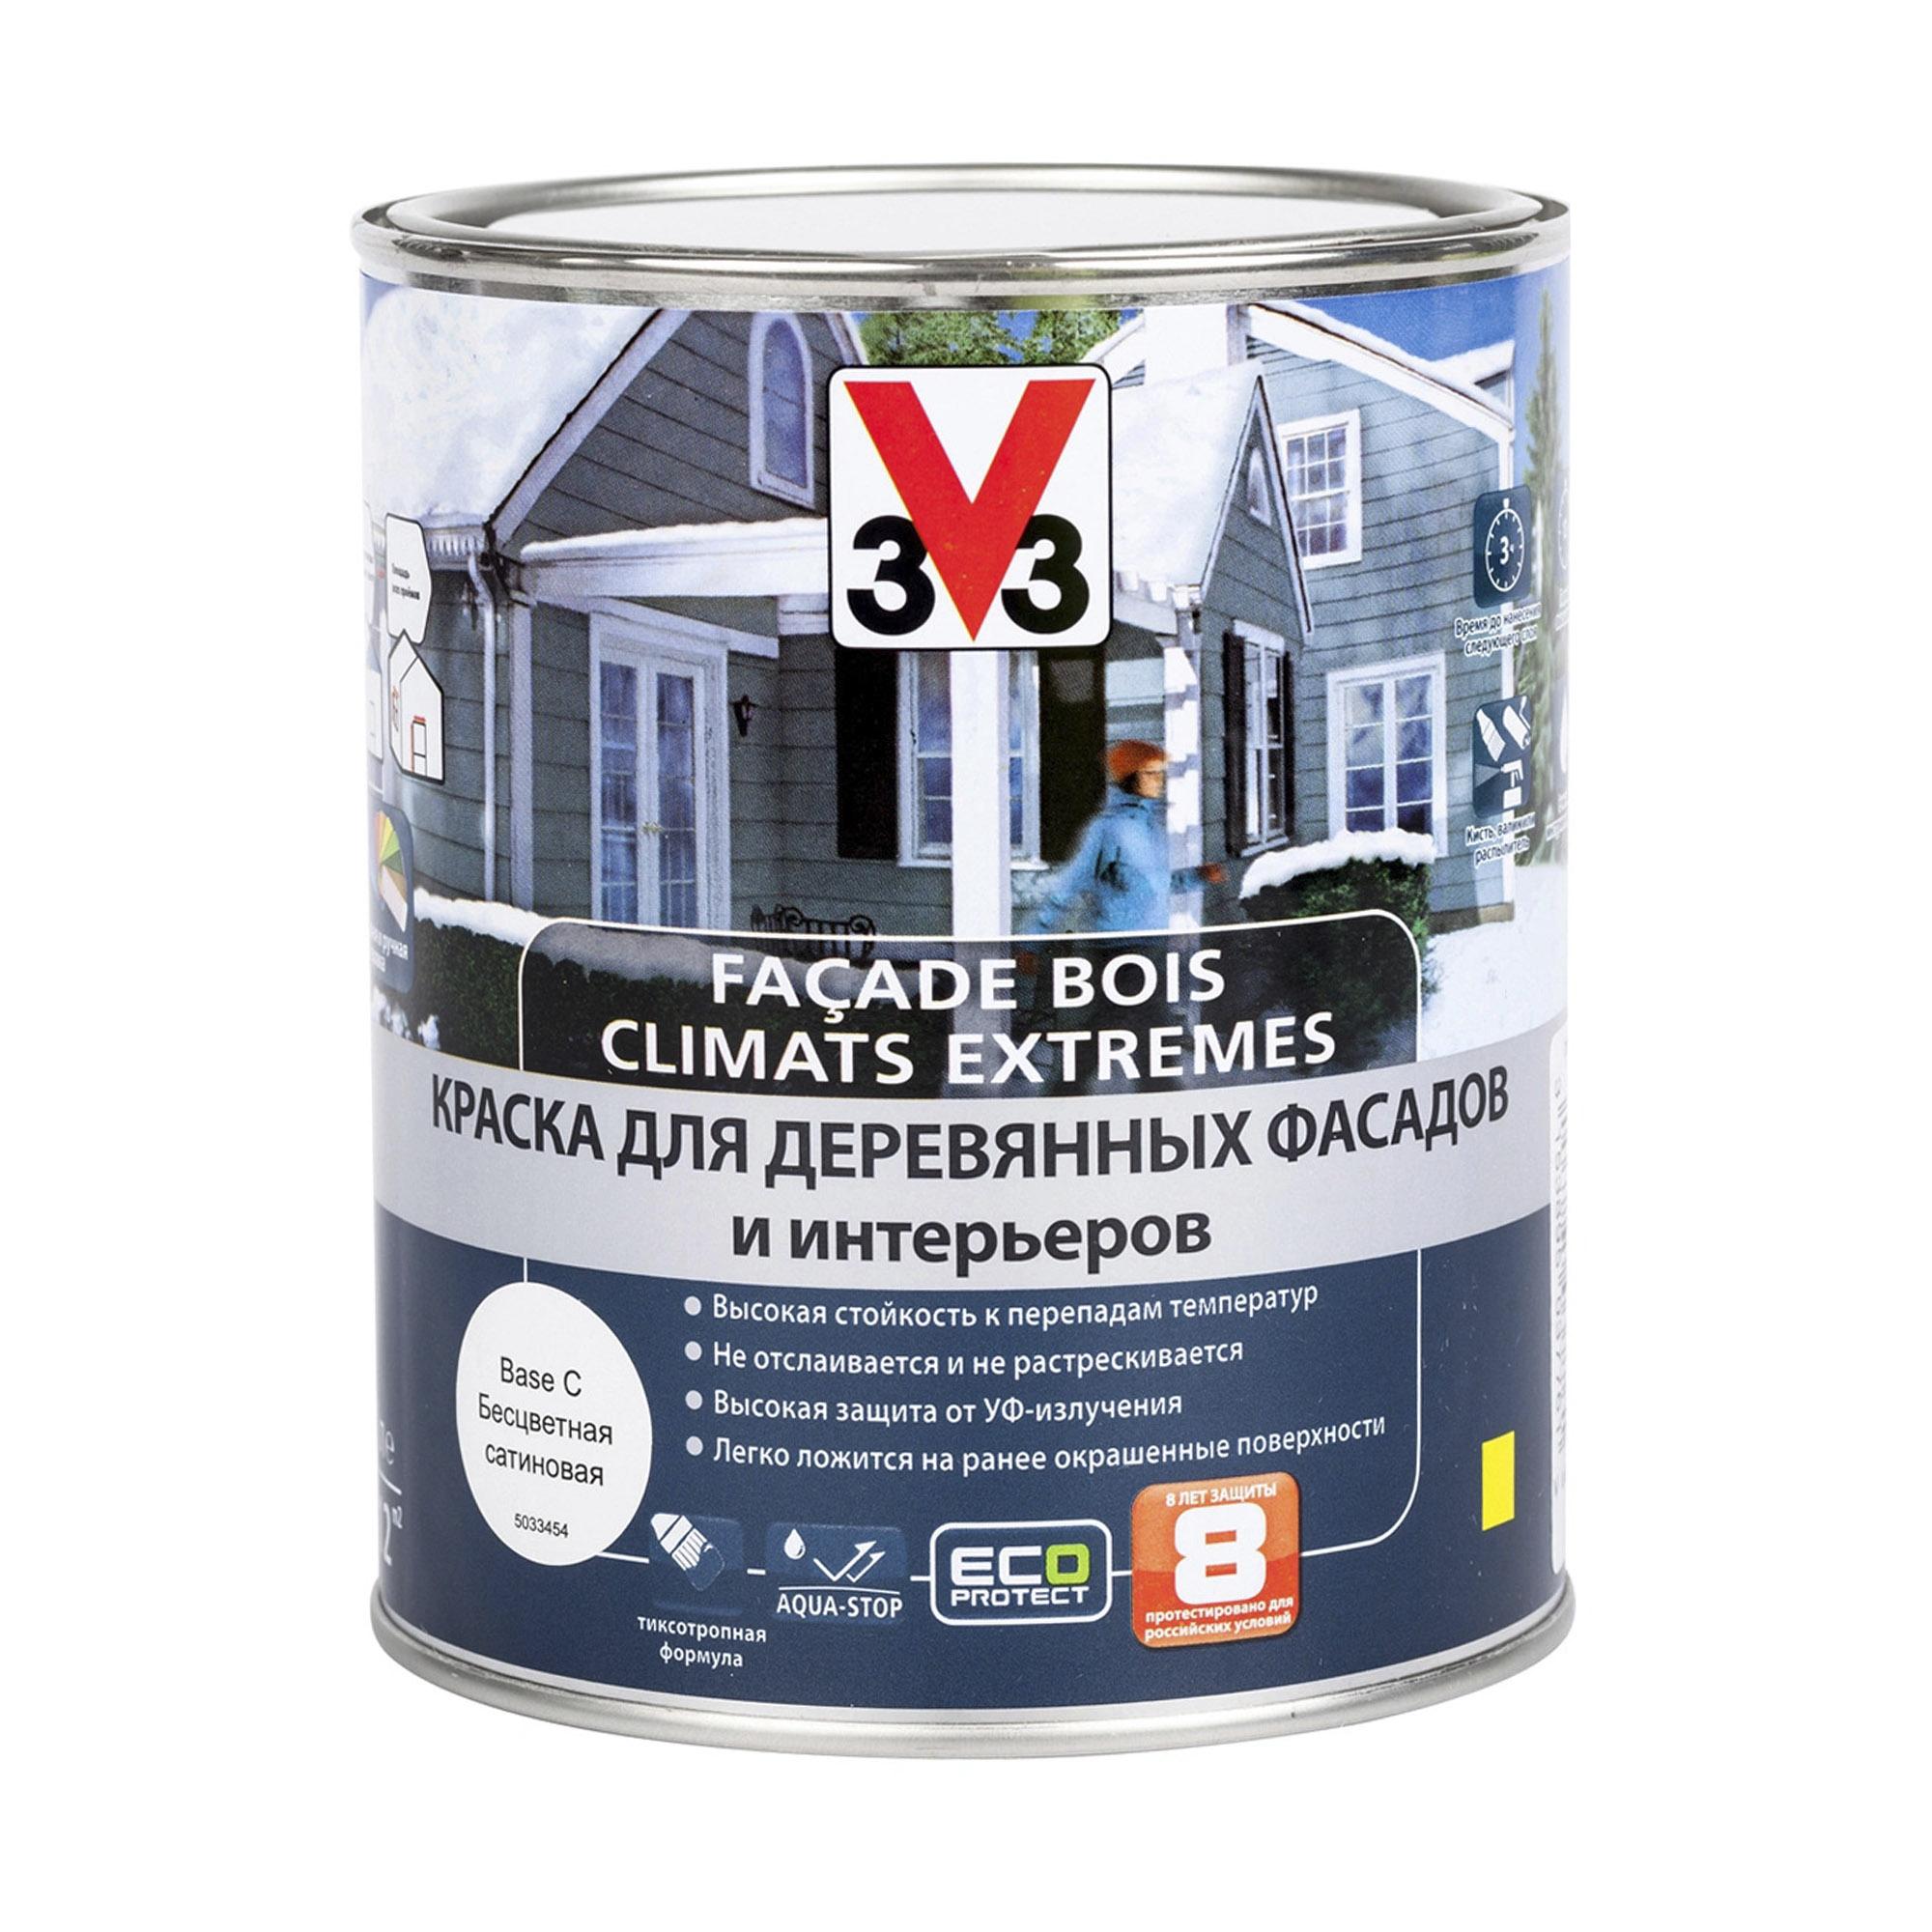 Краска V33 Facade Bois Climats Extremes для деревянных фасадов и интерьеров База С 1 л